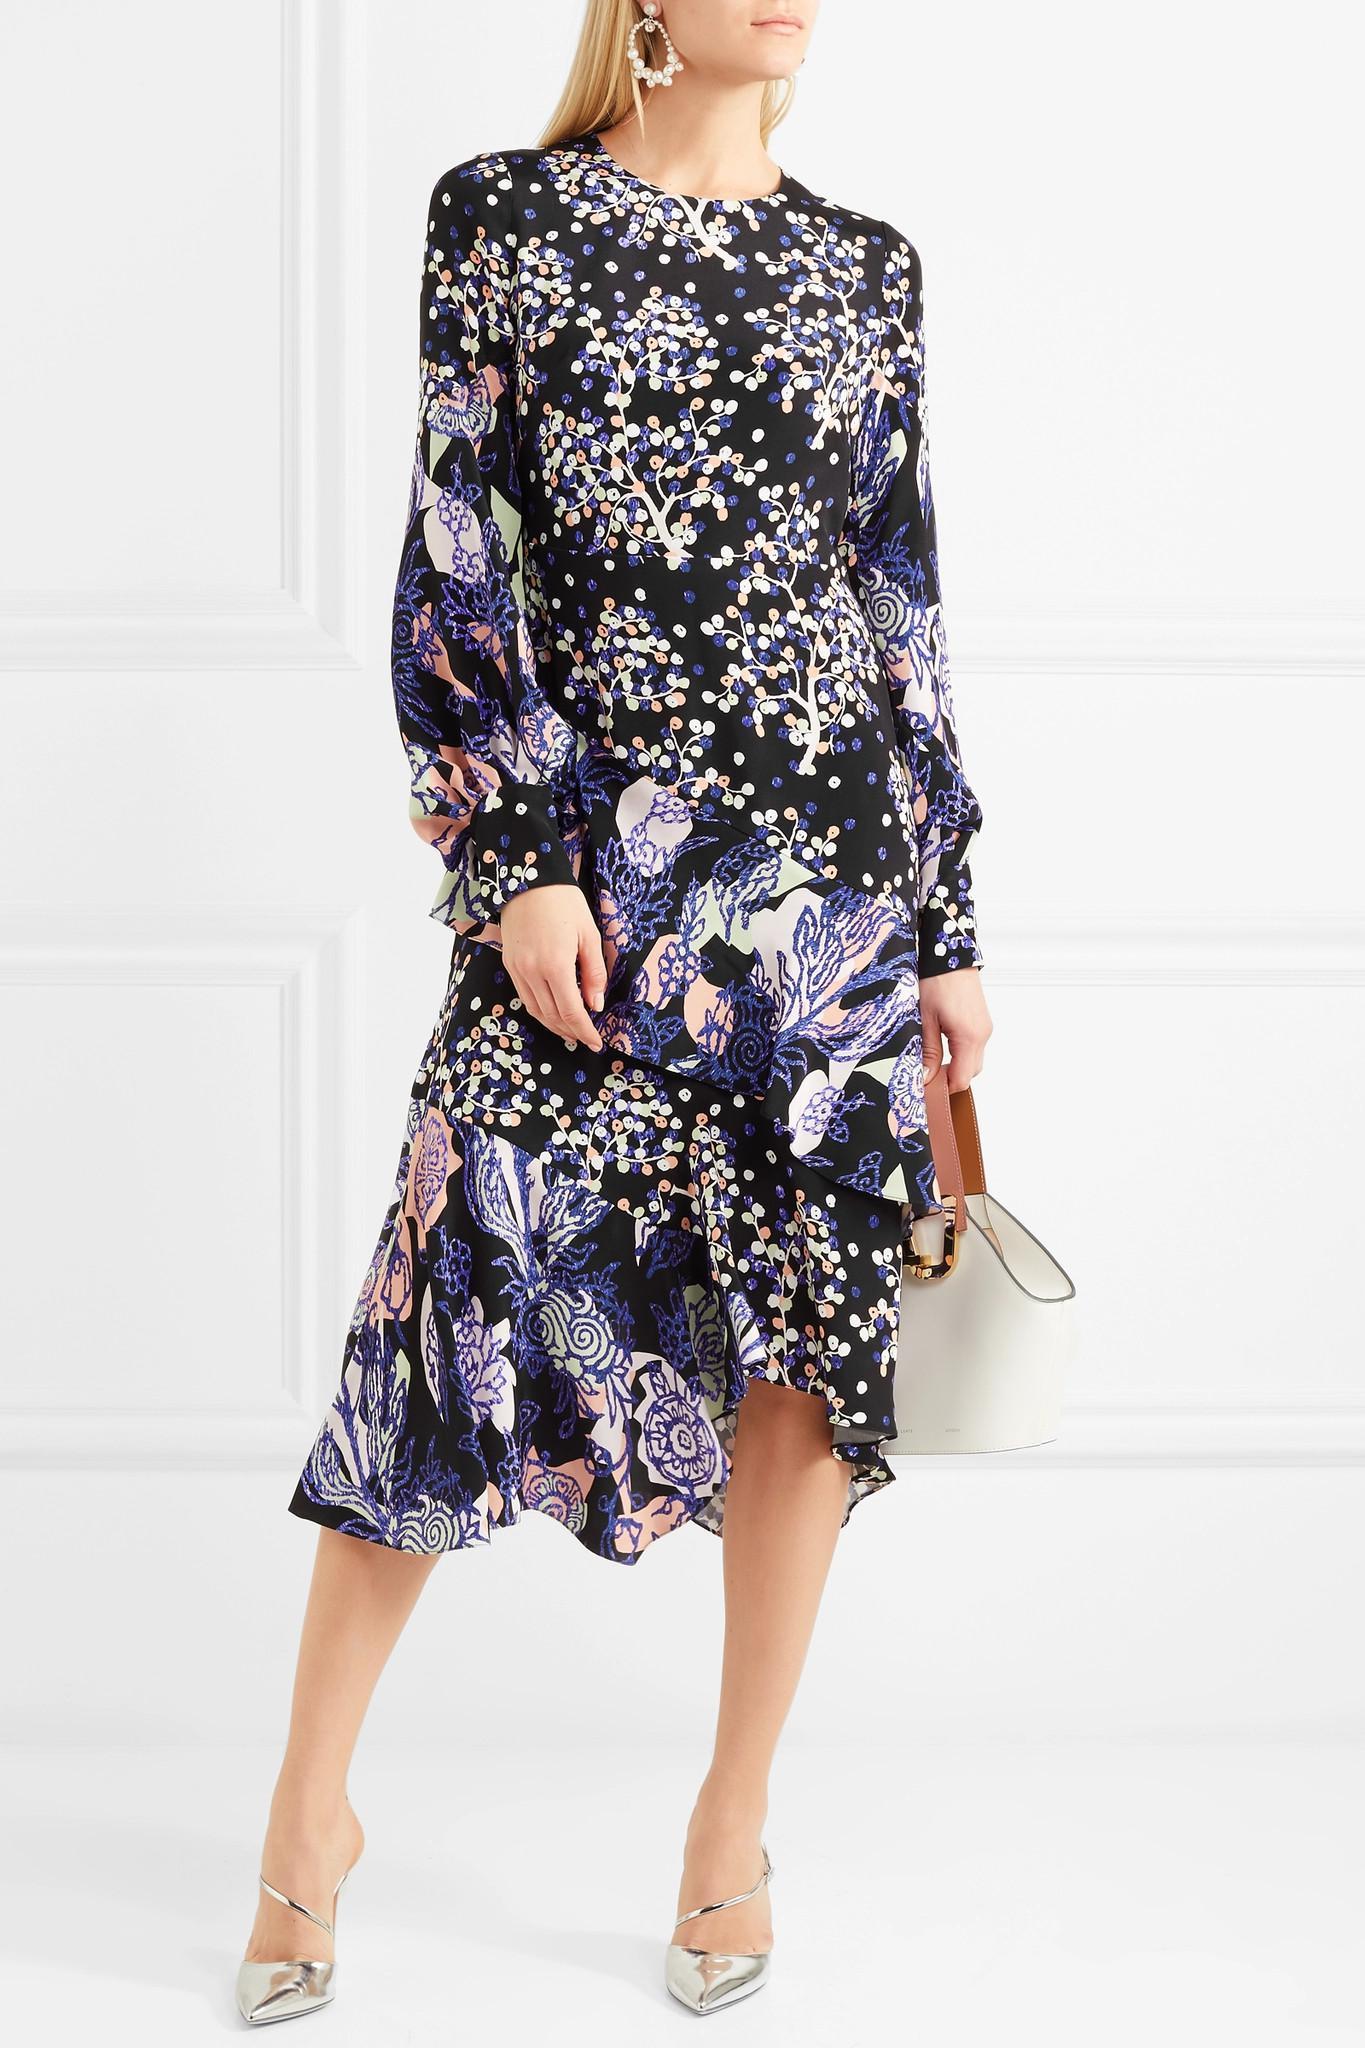 Asymmetric Jacquard Dress Peter Pilotto Outlet Store For Sale WZIXopx